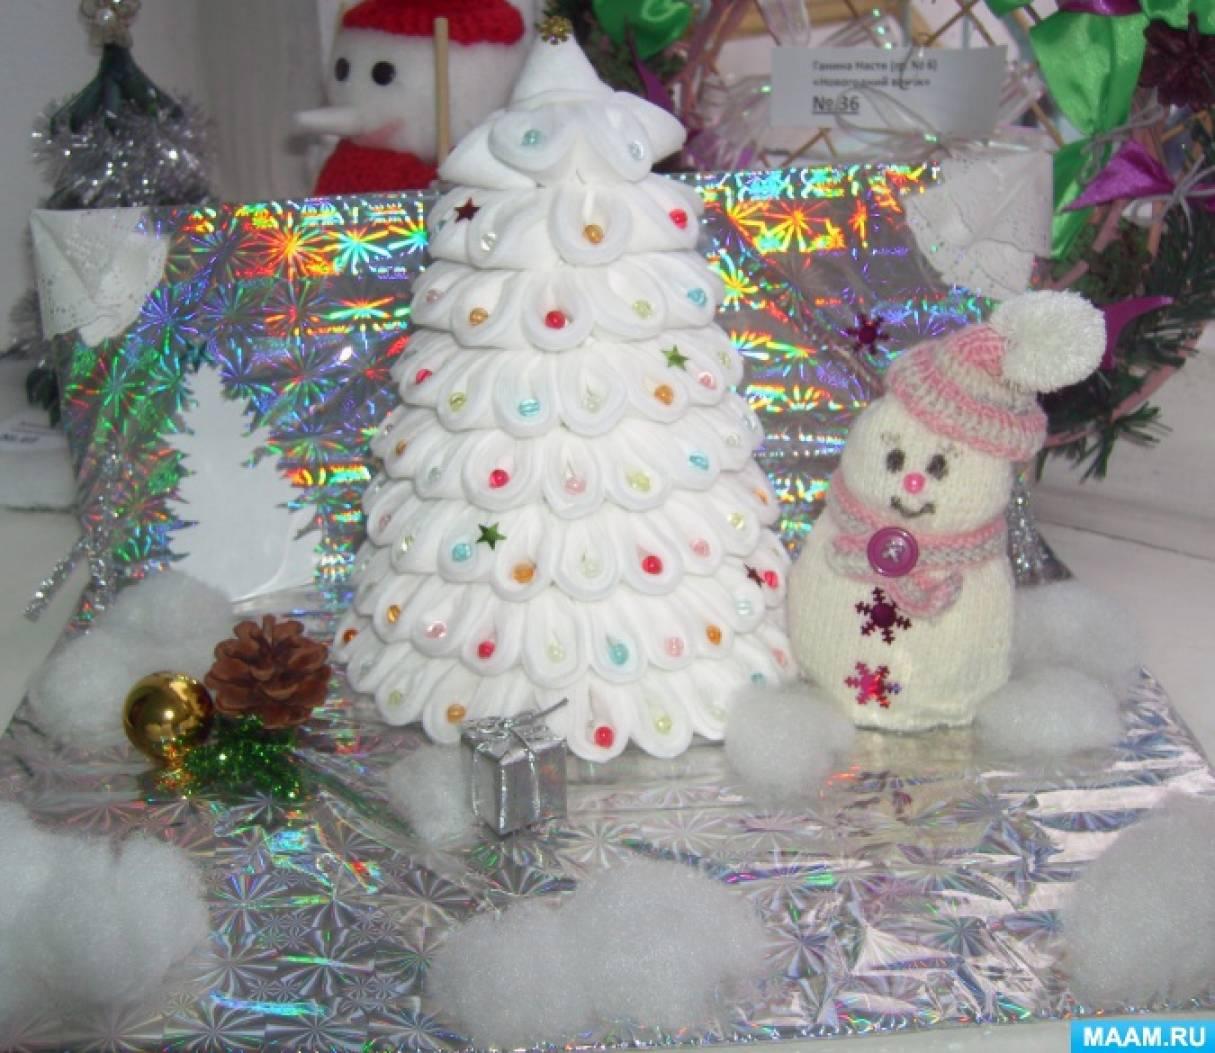 Конкурс на новогодние поделки в детском саду 323